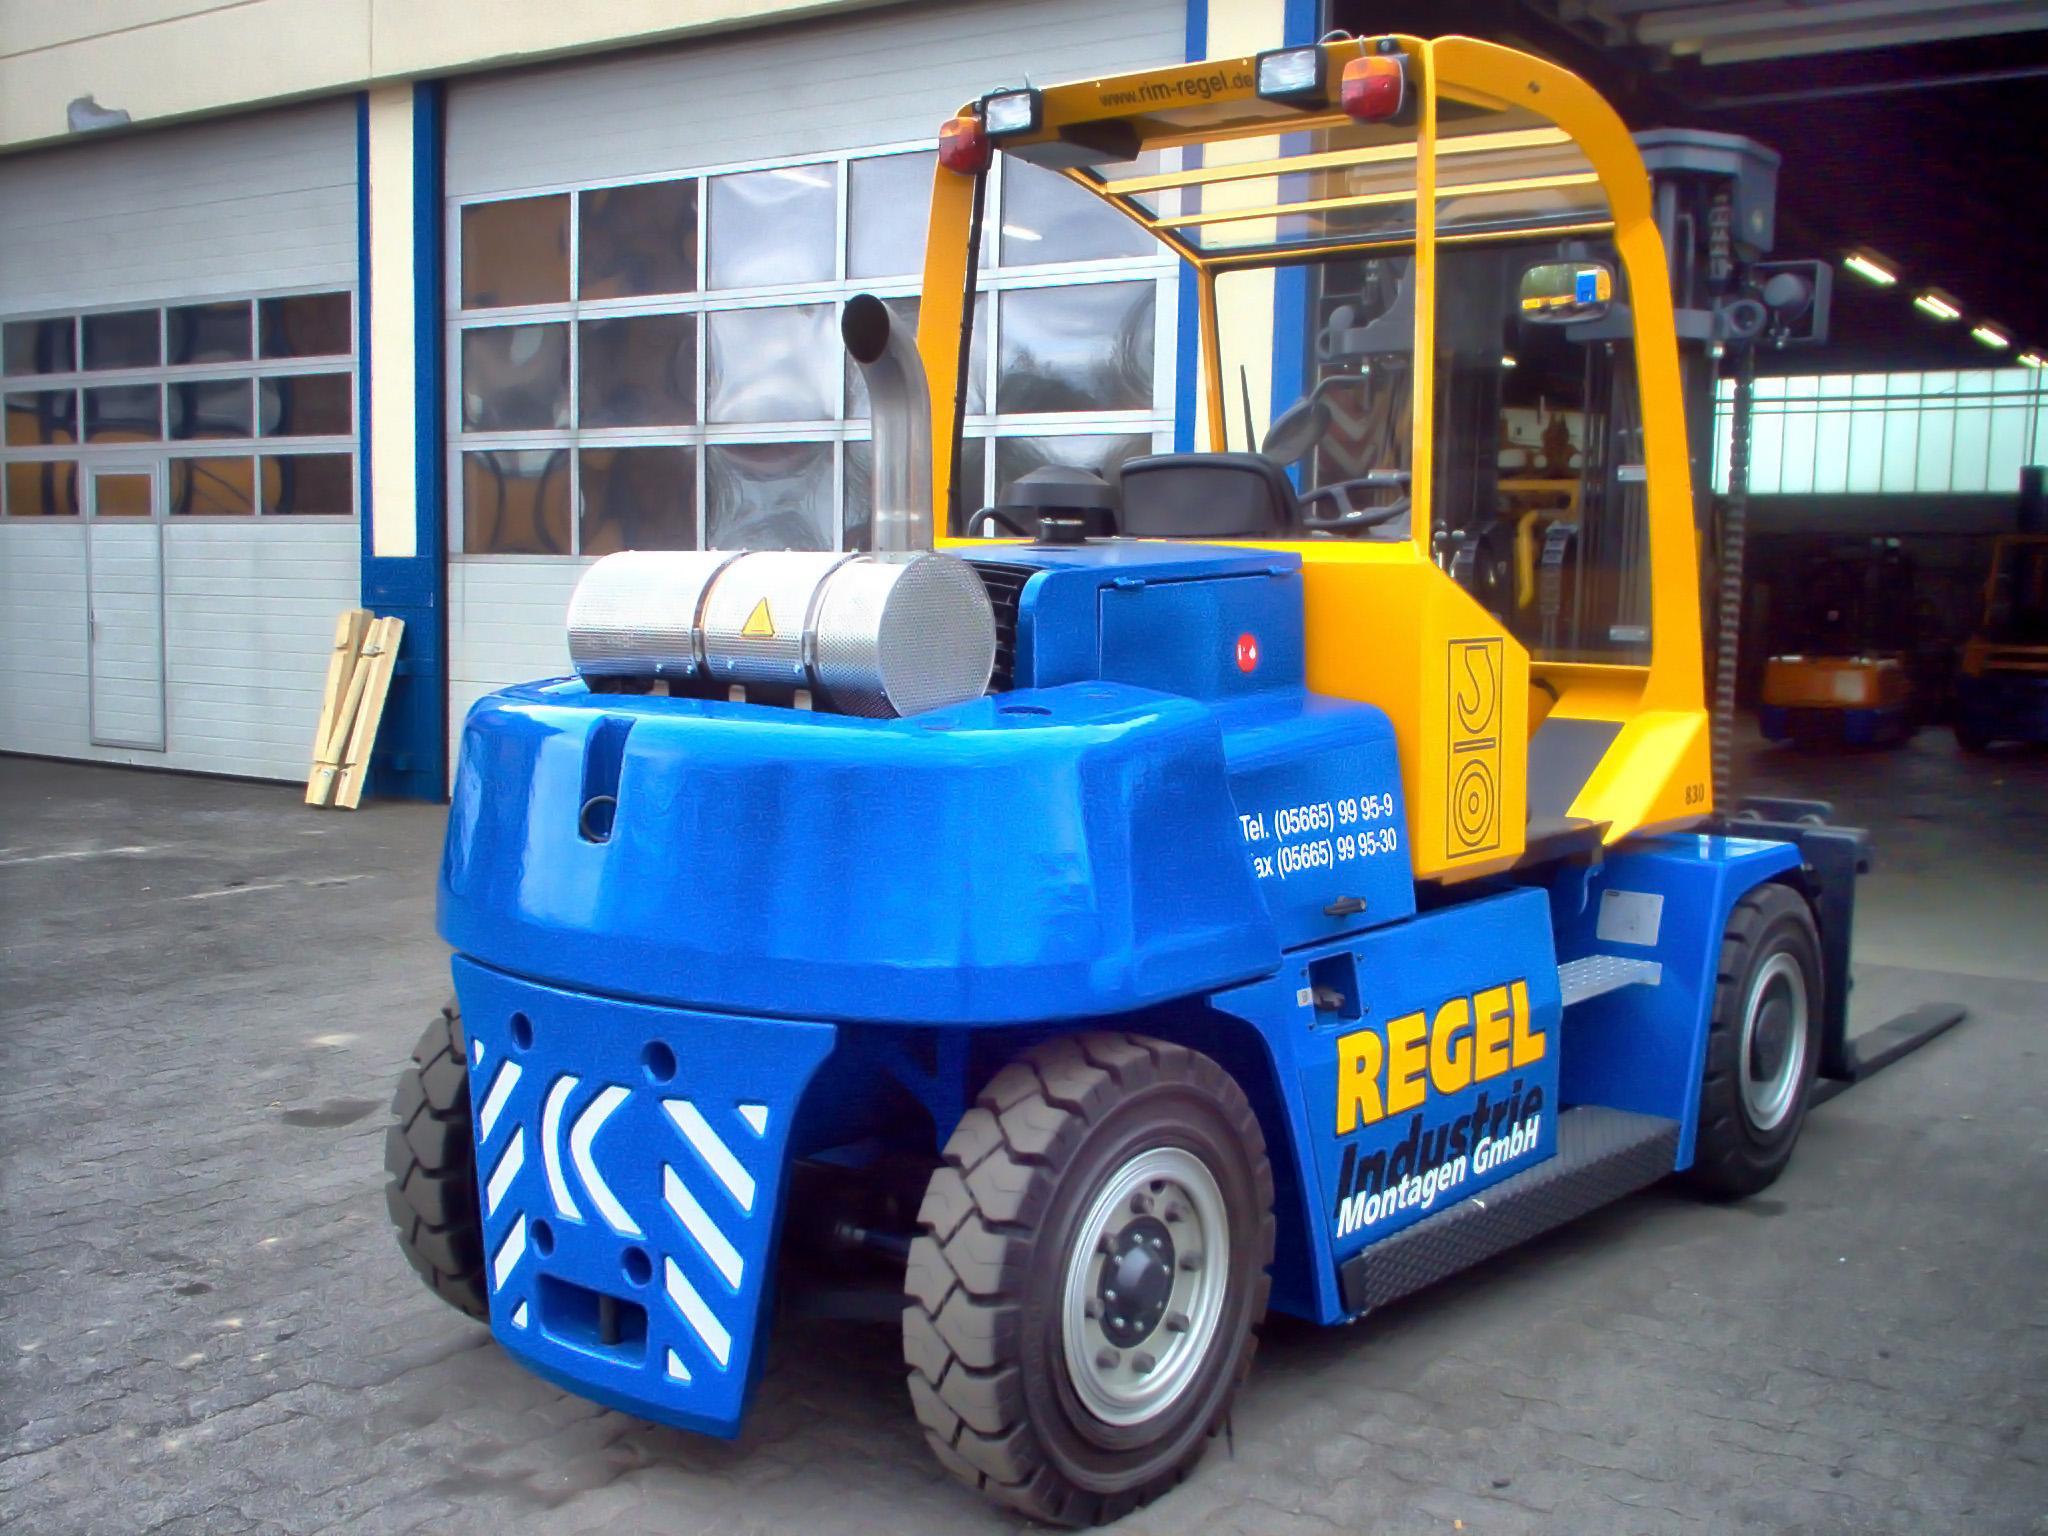 Kalmar heavy duty forklift truck